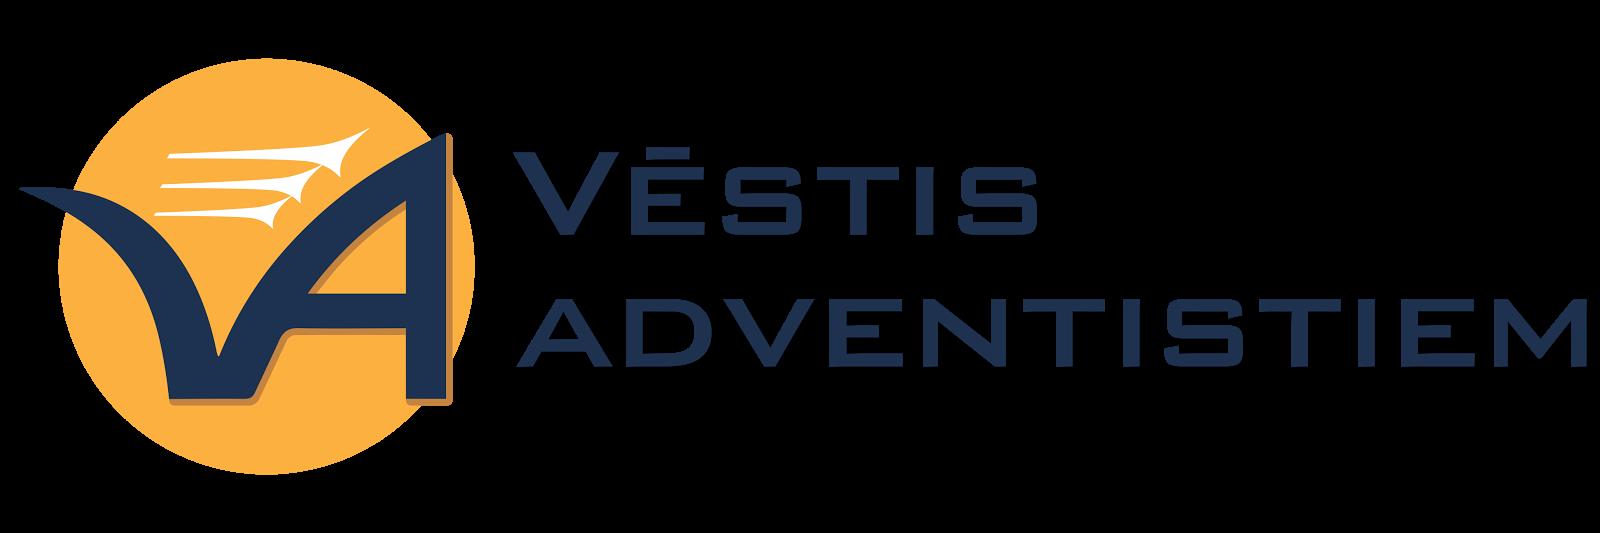 Vēstis Adventistiem